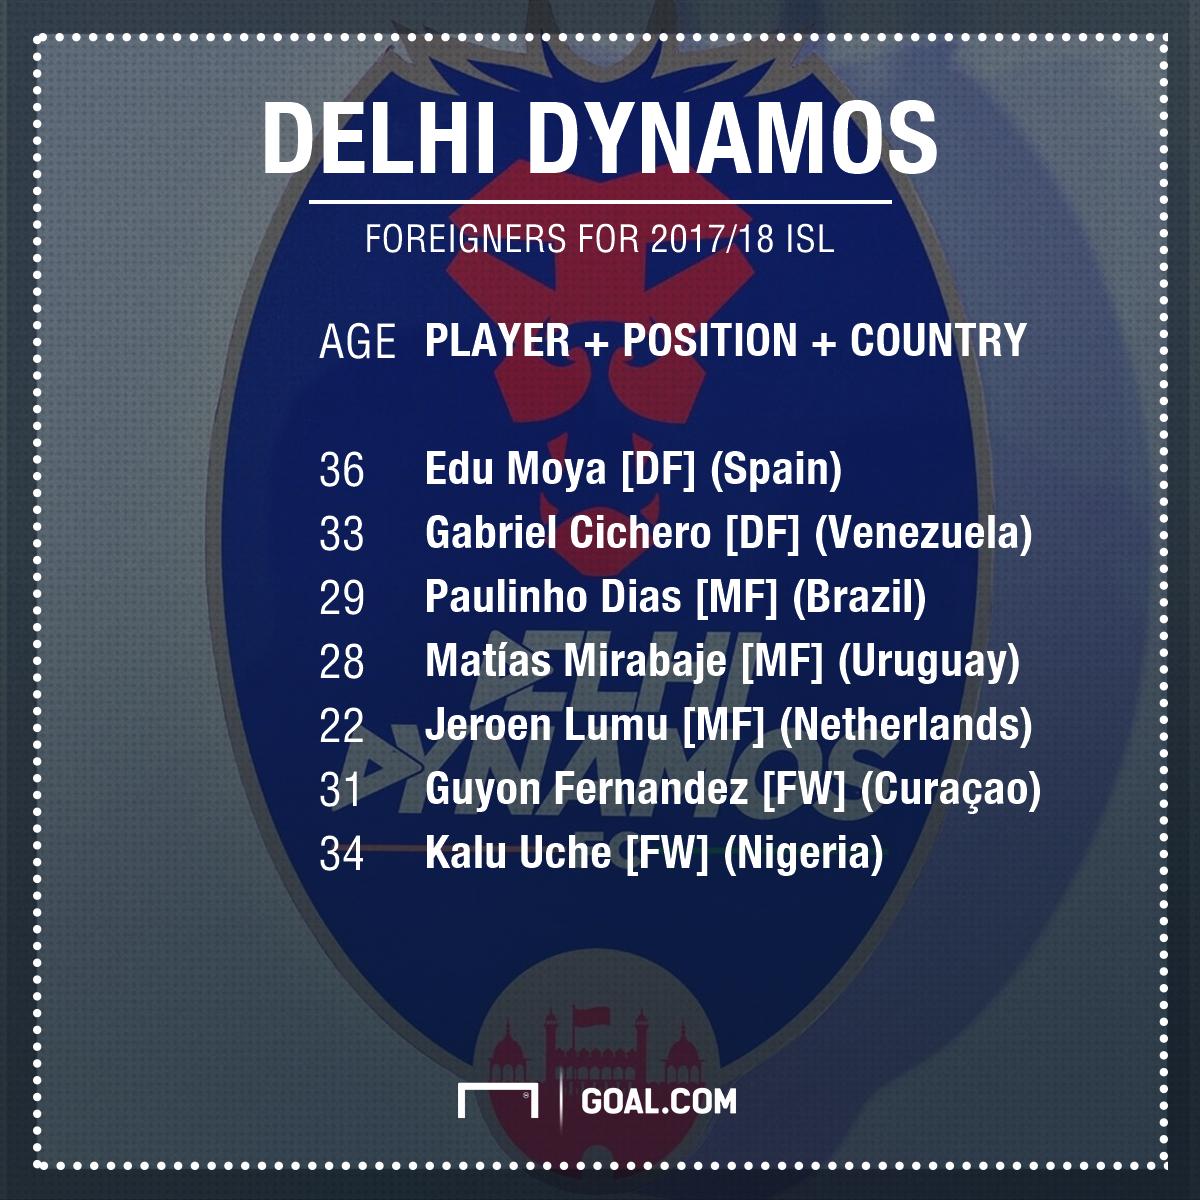 Delhi Dynamos foreign clan